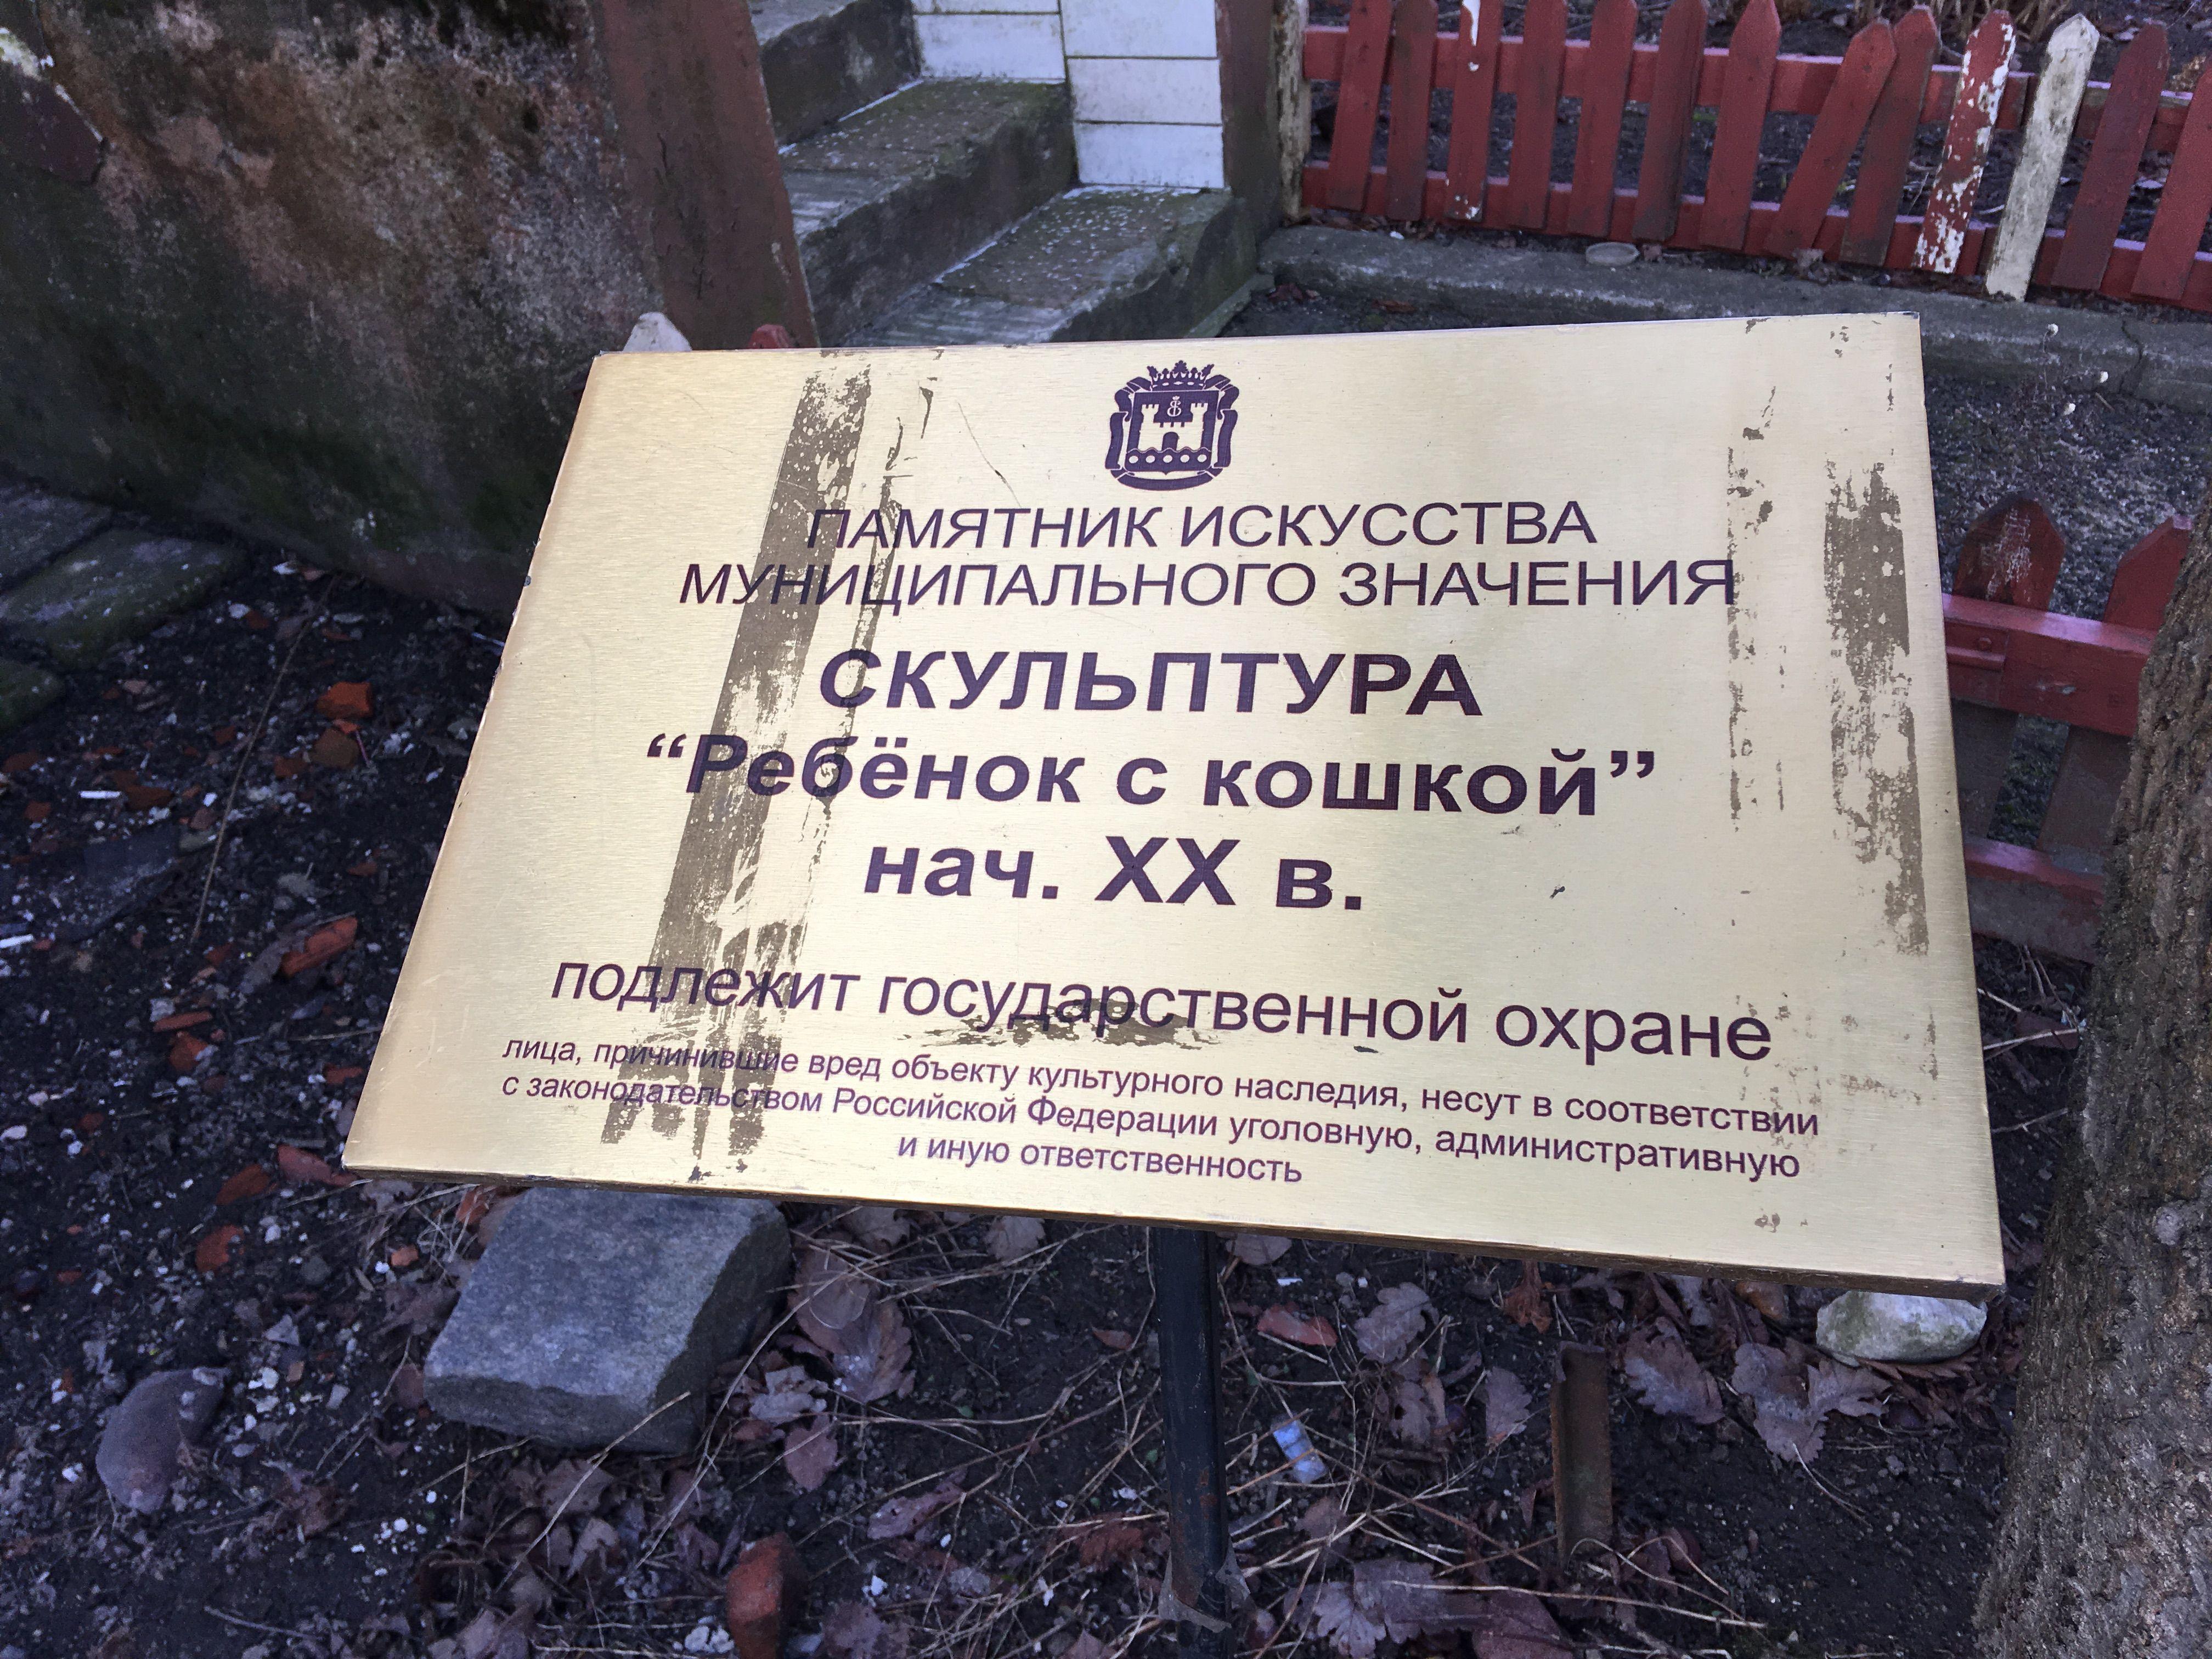 Табличка с информацией о скульптуре